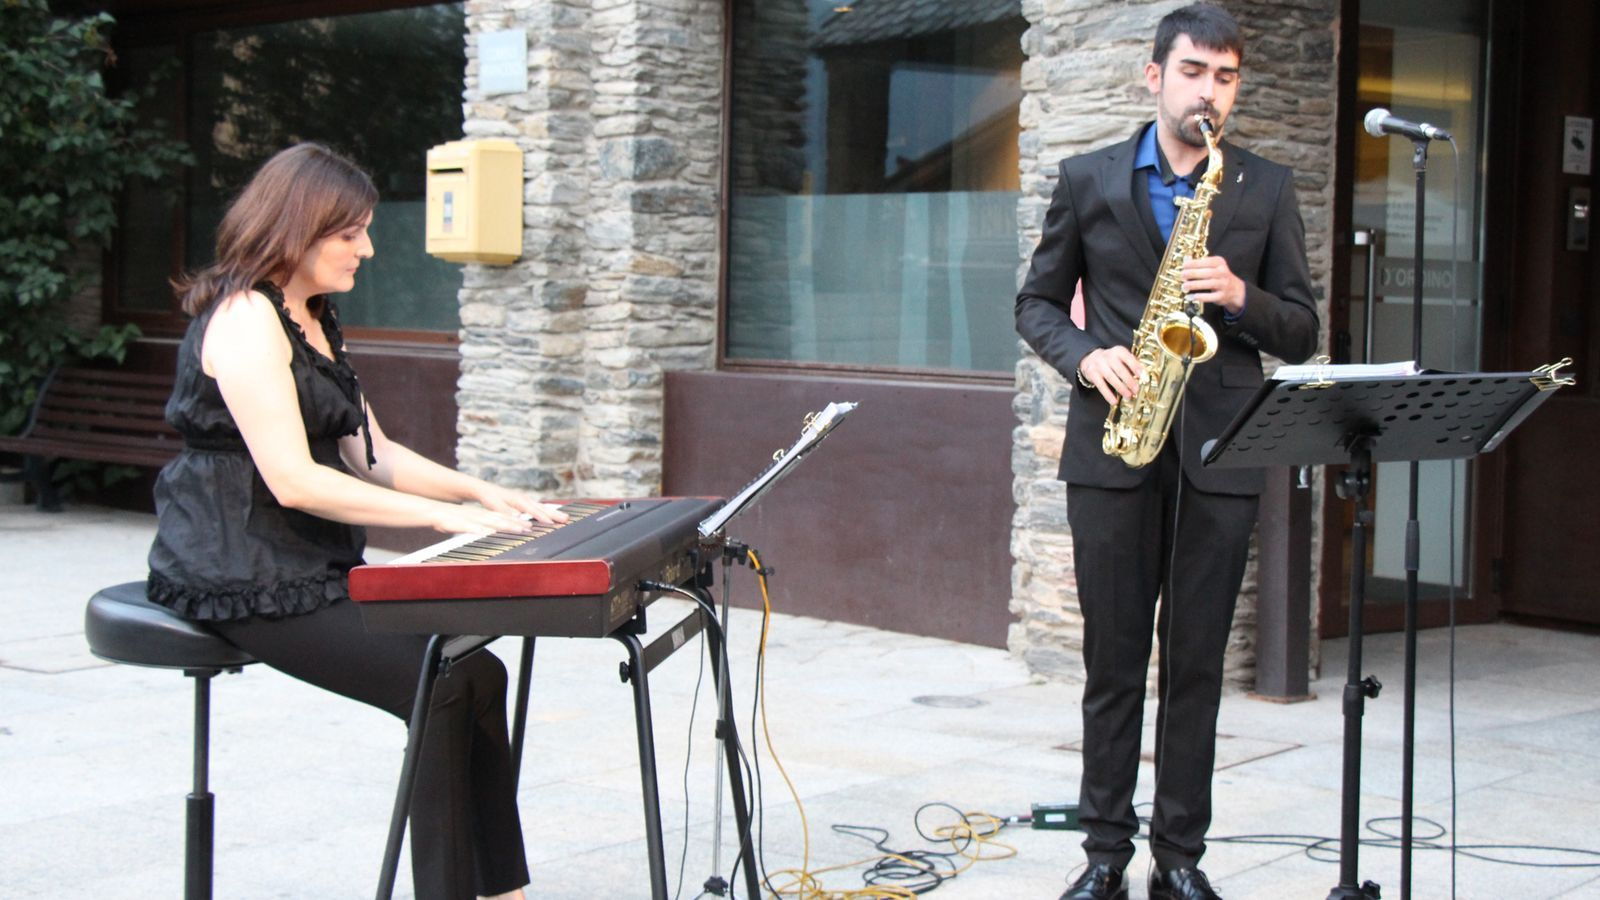 El saxofonista i vocalista Guillem Tudó, en companyia de la pianista Teresina Serra. / M. R. F. (ANA)